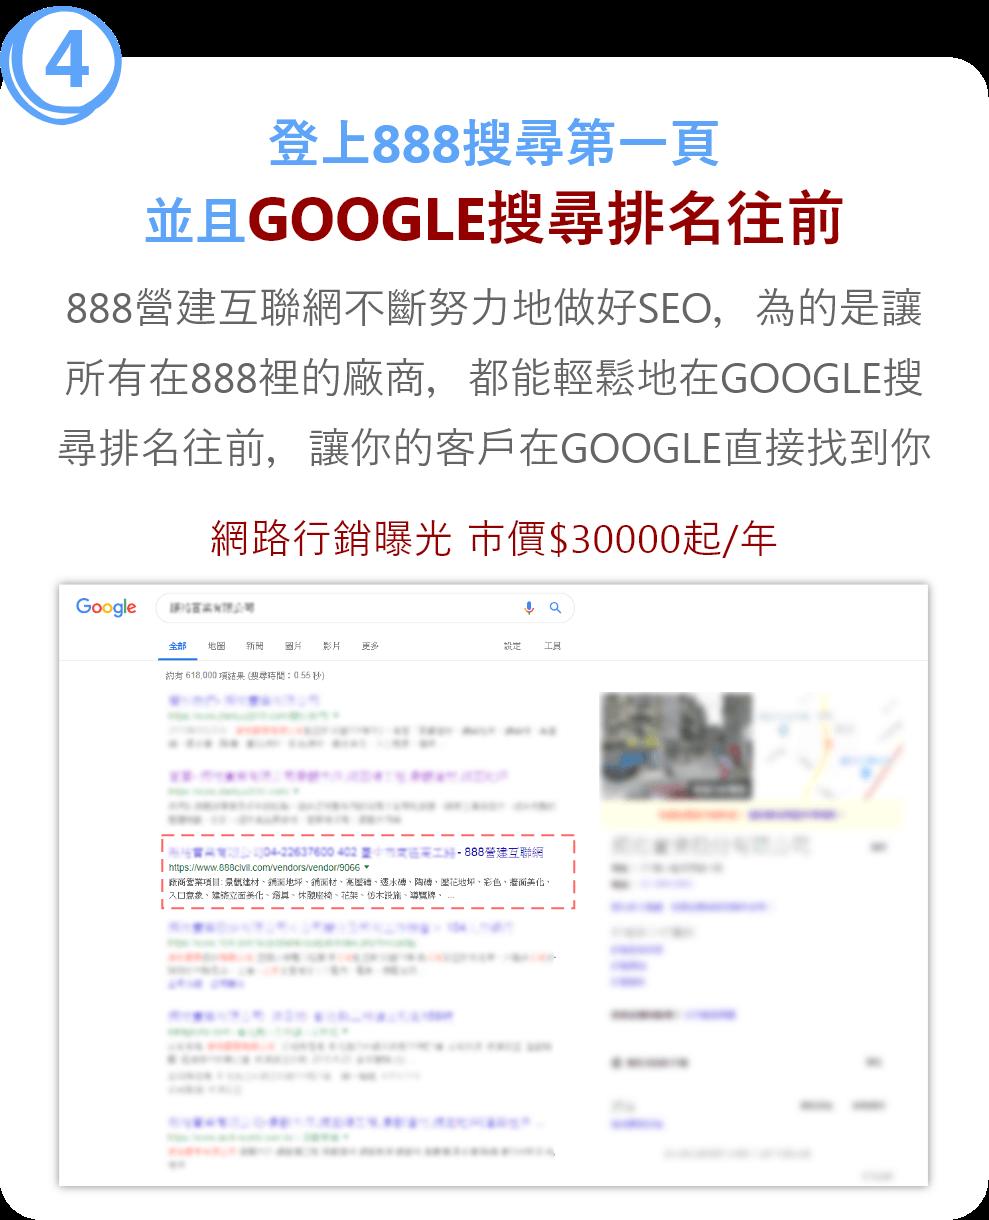 登上888搜尋第一頁 並且GOOGLE搜尋排名往前